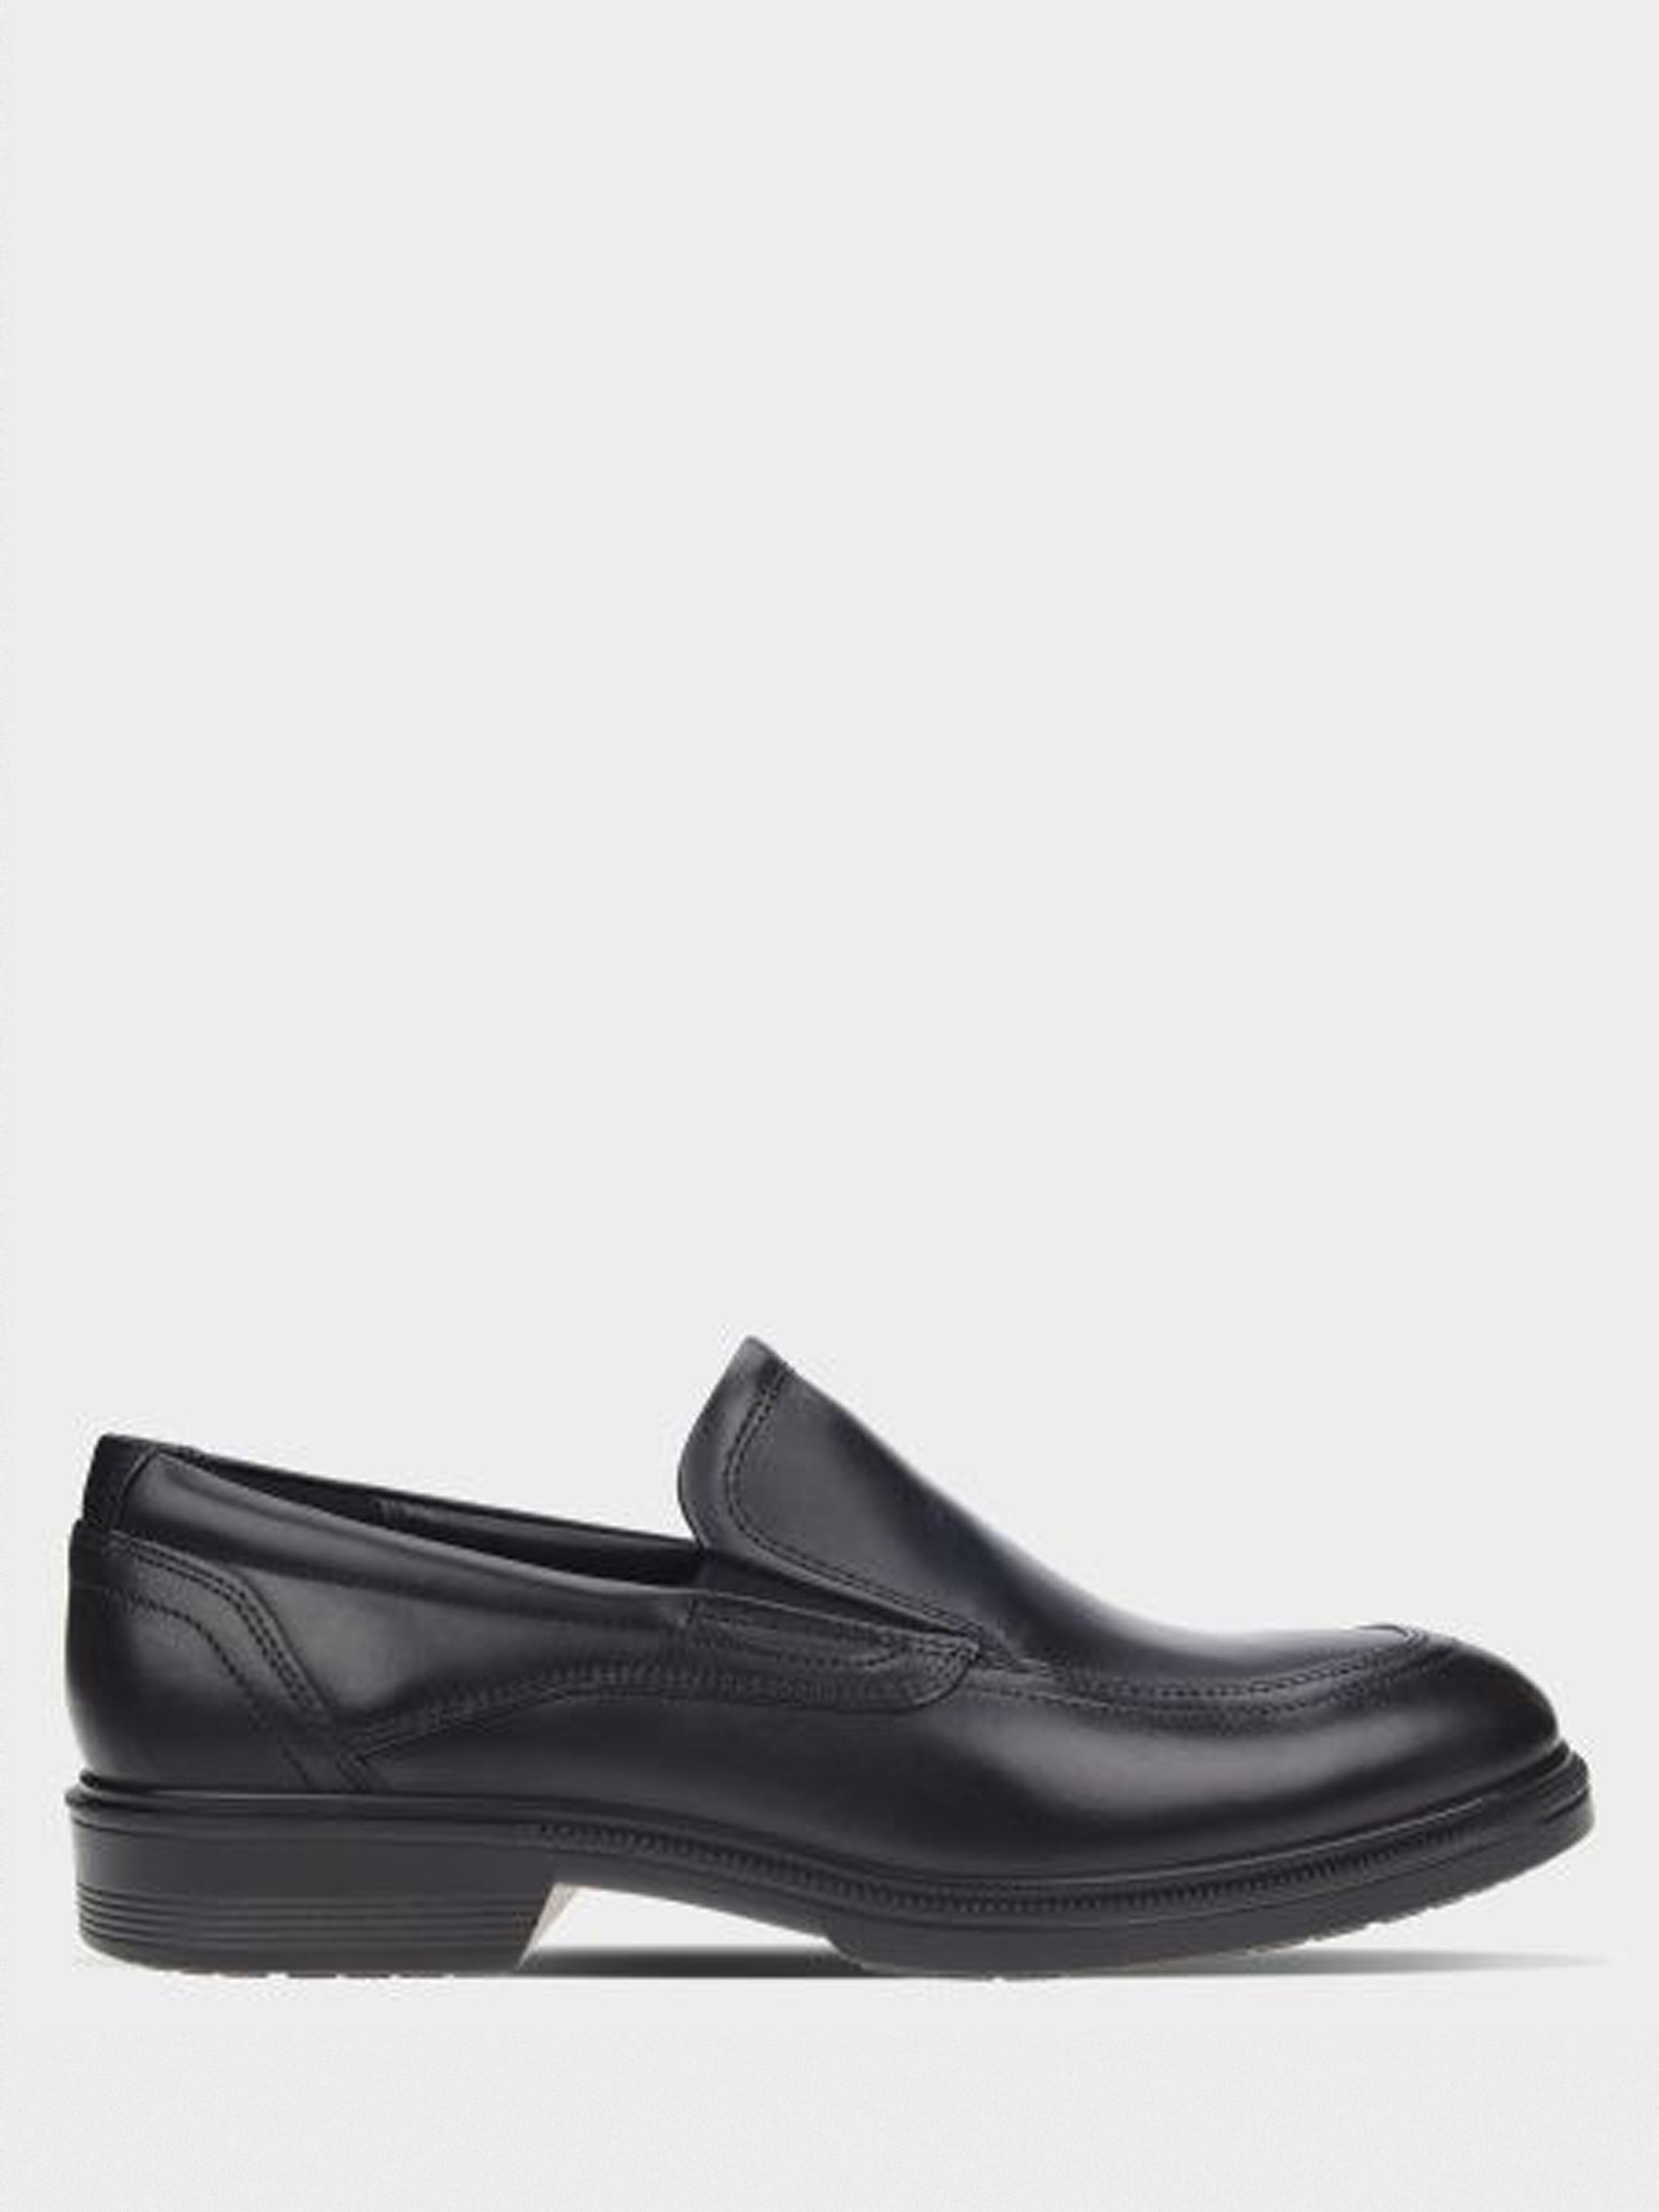 Купить Туфли мужские ECCO LISBON ZM3860, Черный